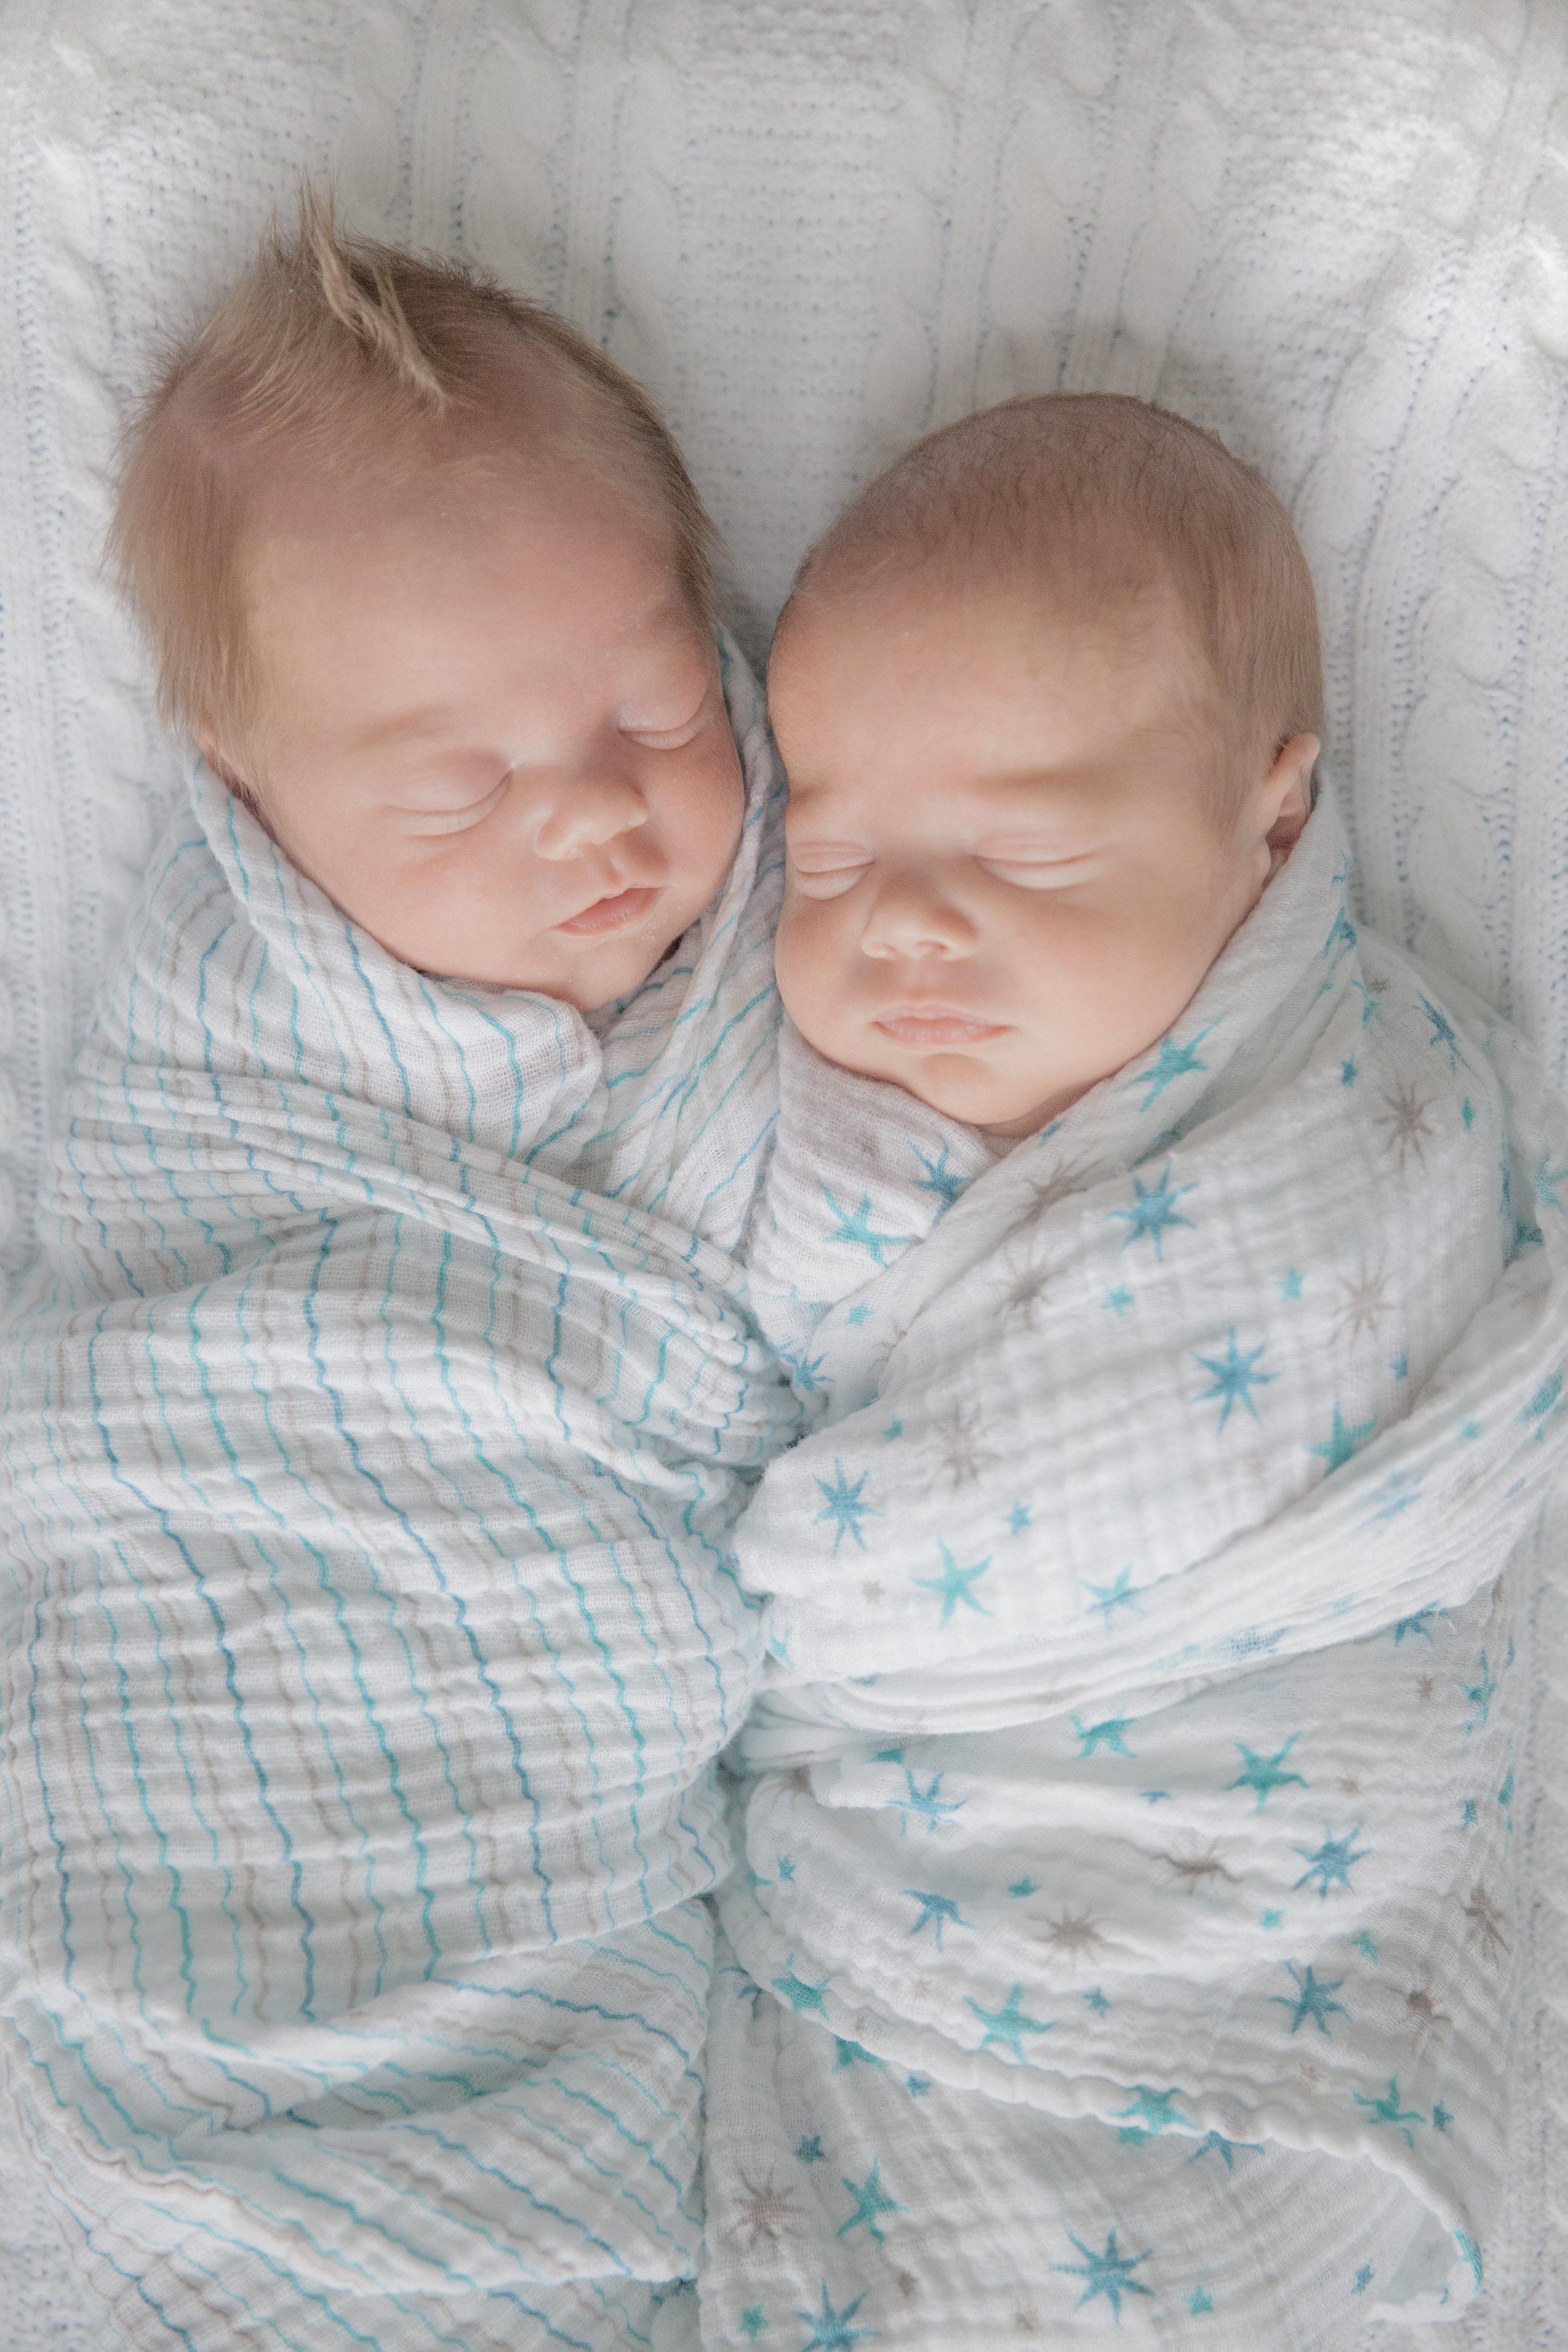 LisaDiederichPhotography_britton&casey_newbornphotography-1.jpg